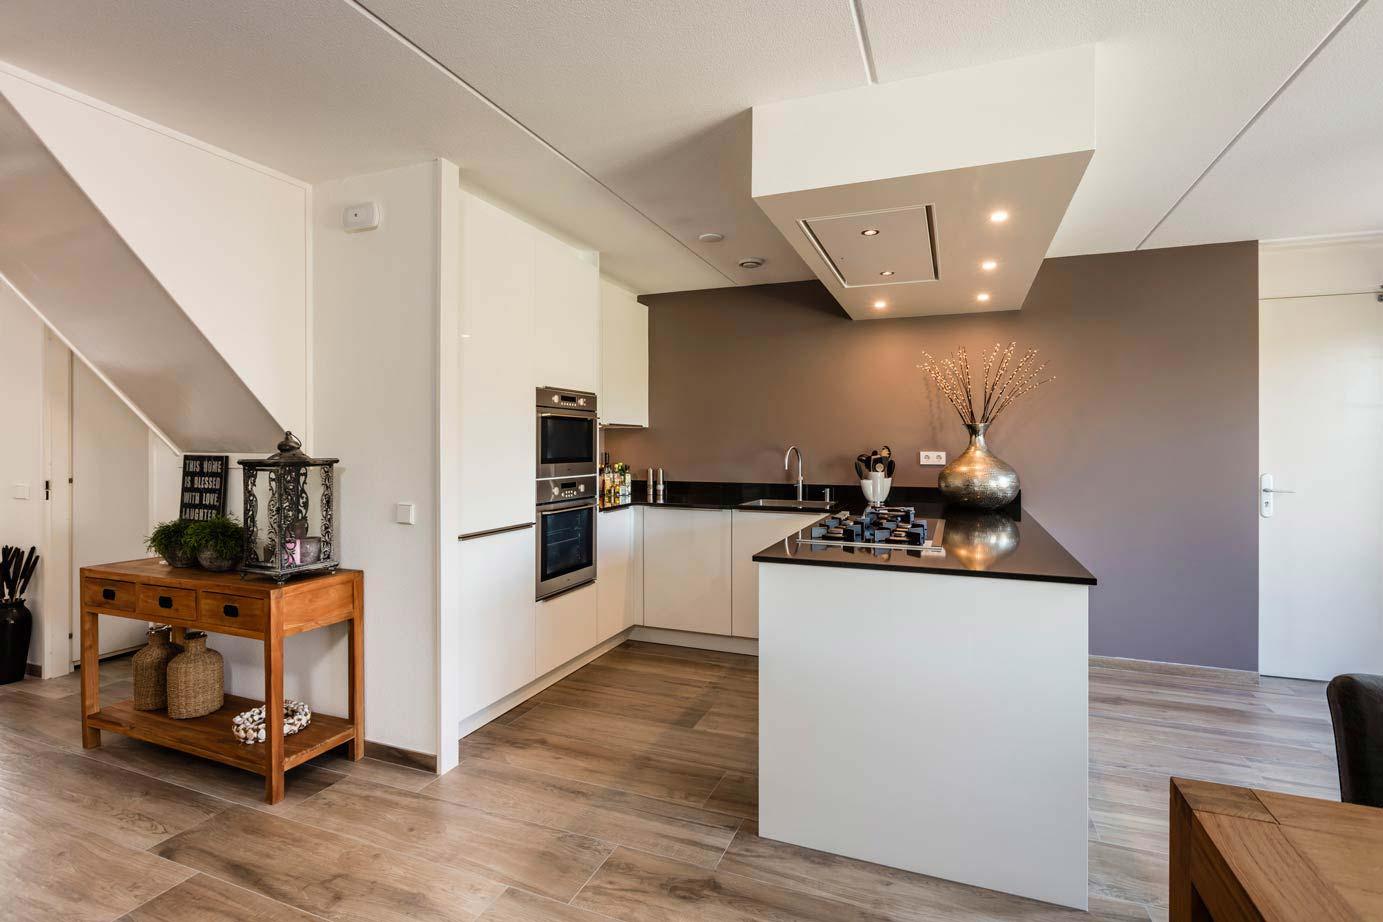 Moderne Greeploze Keuken : Moderne keuken kopen bekijk tientallen voorbeelden arma